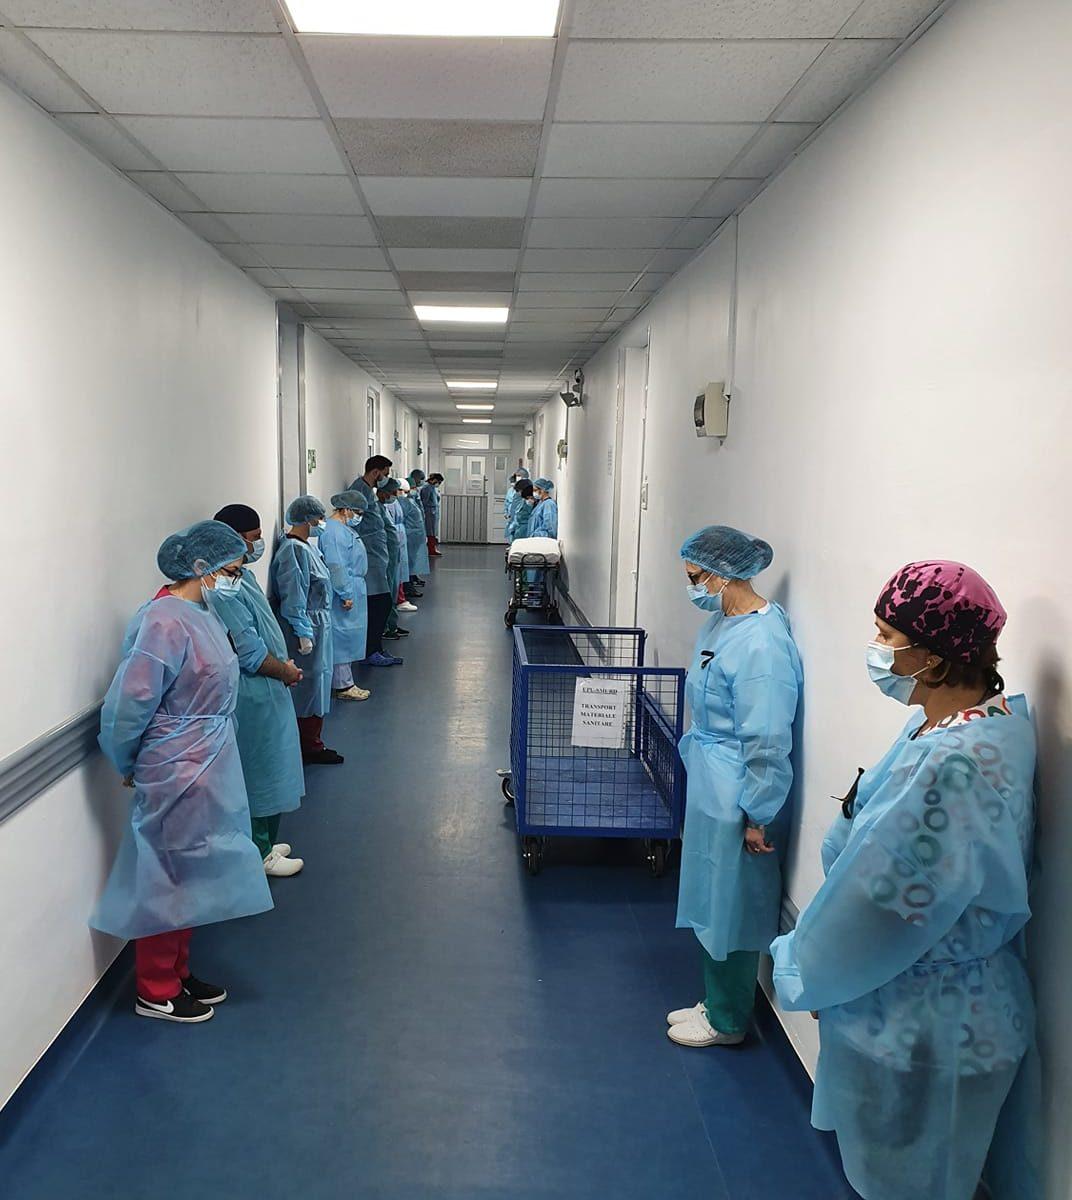 ce-gest-au-facut-cadrele-spitalului-judetean-buzau,-in-memoria-asistentei-care-a-murit-de-covid-19-dupa-o-nastere